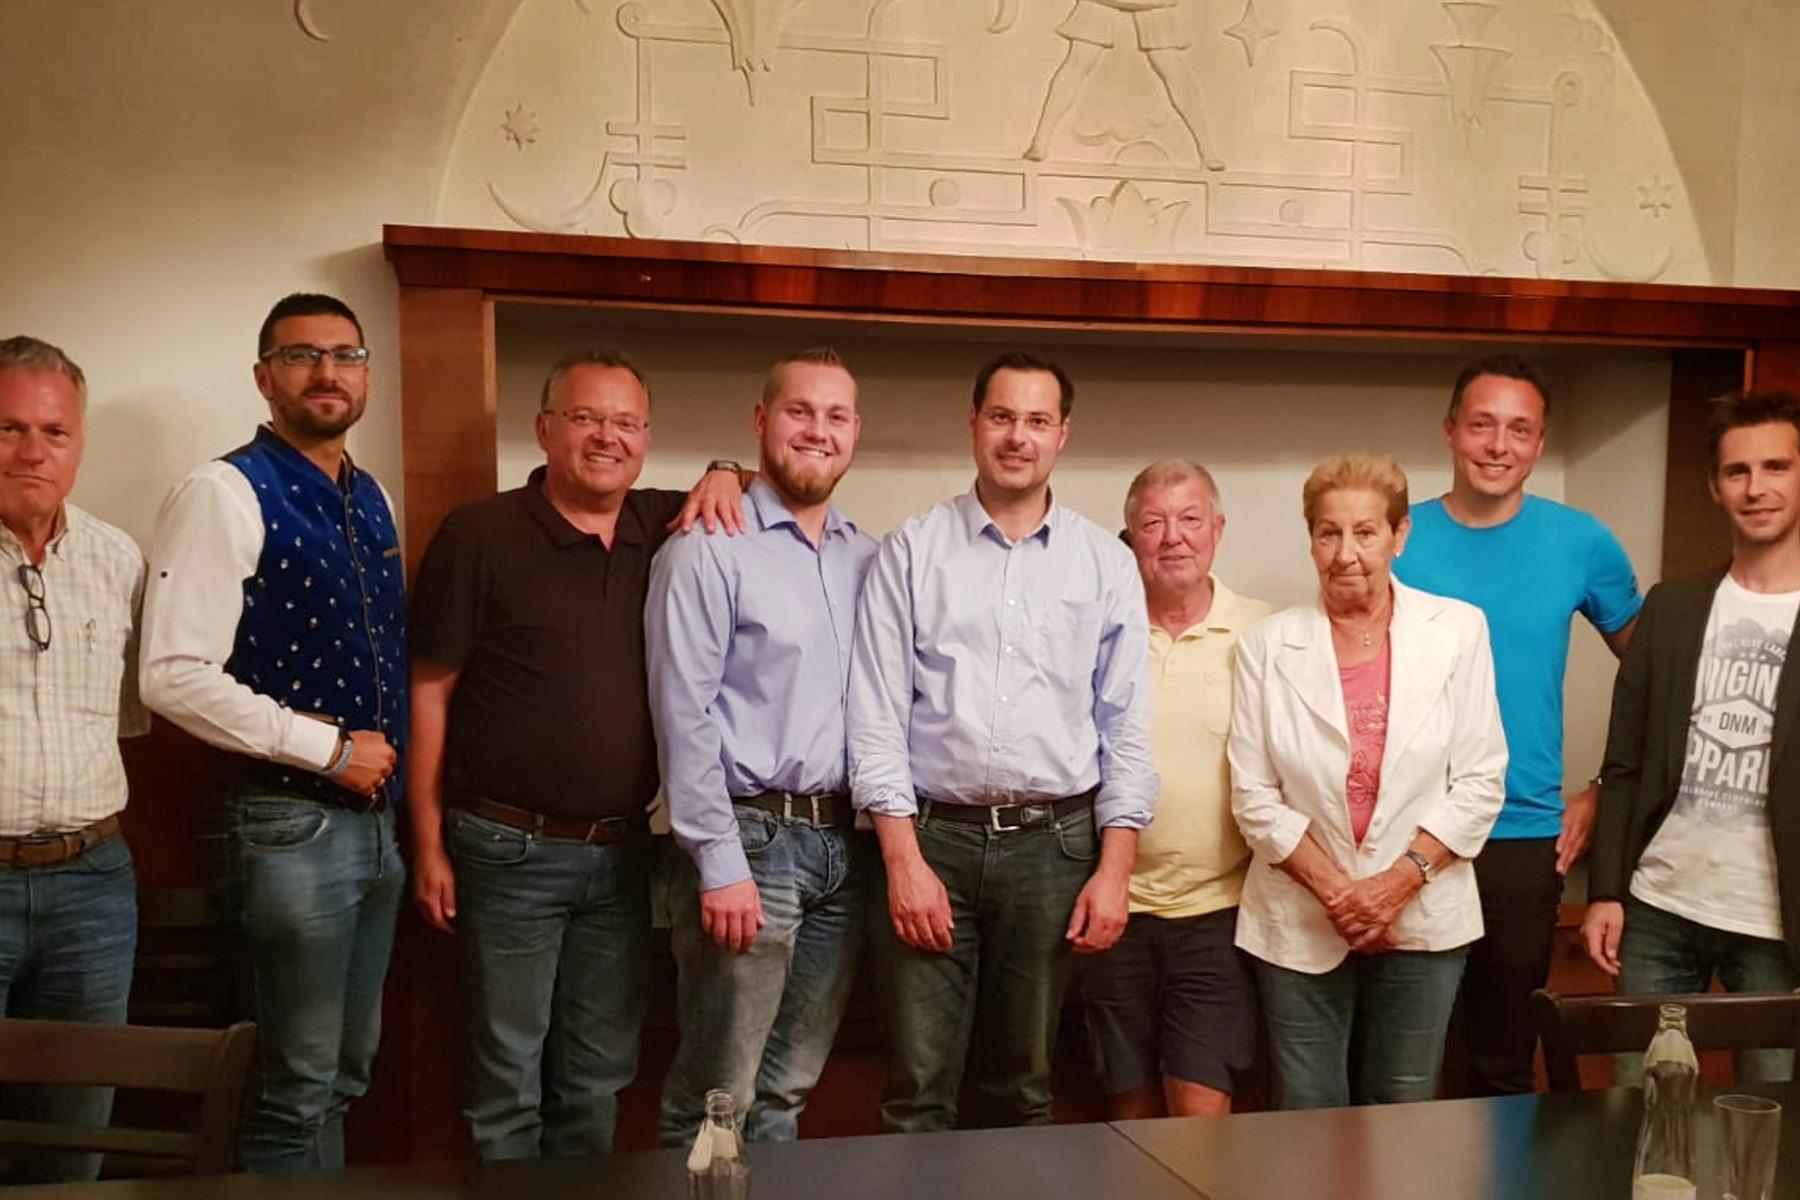 Pusterer Freiheitliche bei Bezirkssitzung der FPÖ Osttirol in Lienz